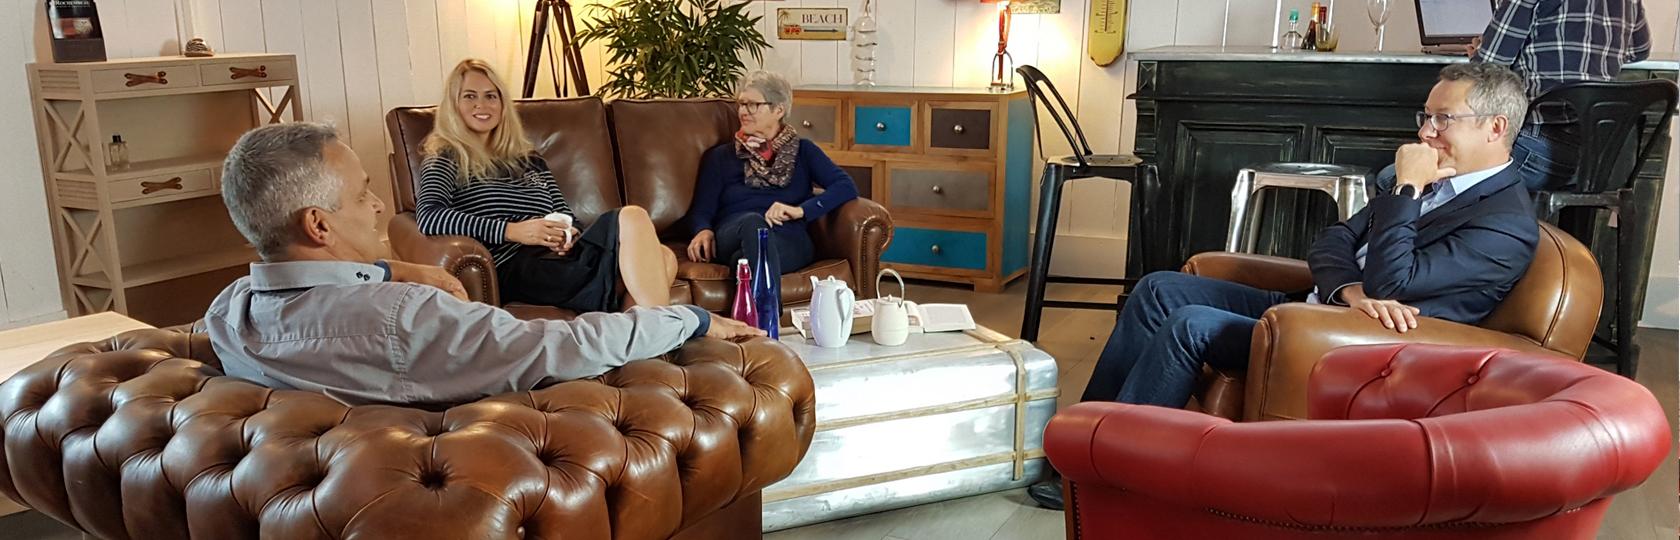 magasin de meuble brest affordable deco brest meuble salon style industriel reims meuble salon. Black Bedroom Furniture Sets. Home Design Ideas